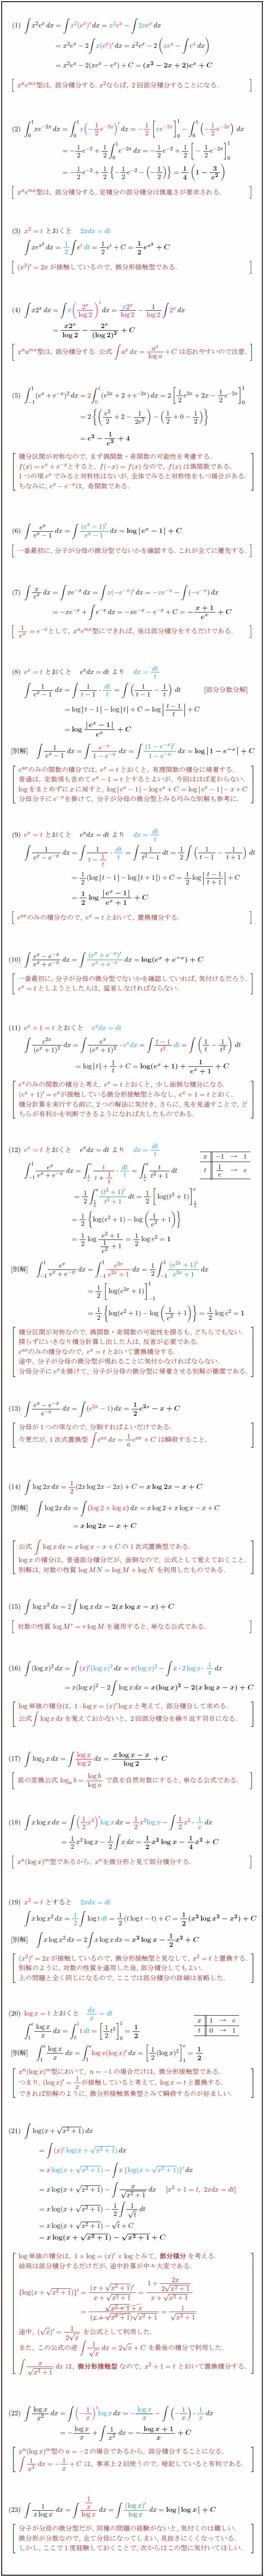 exp-log-answer